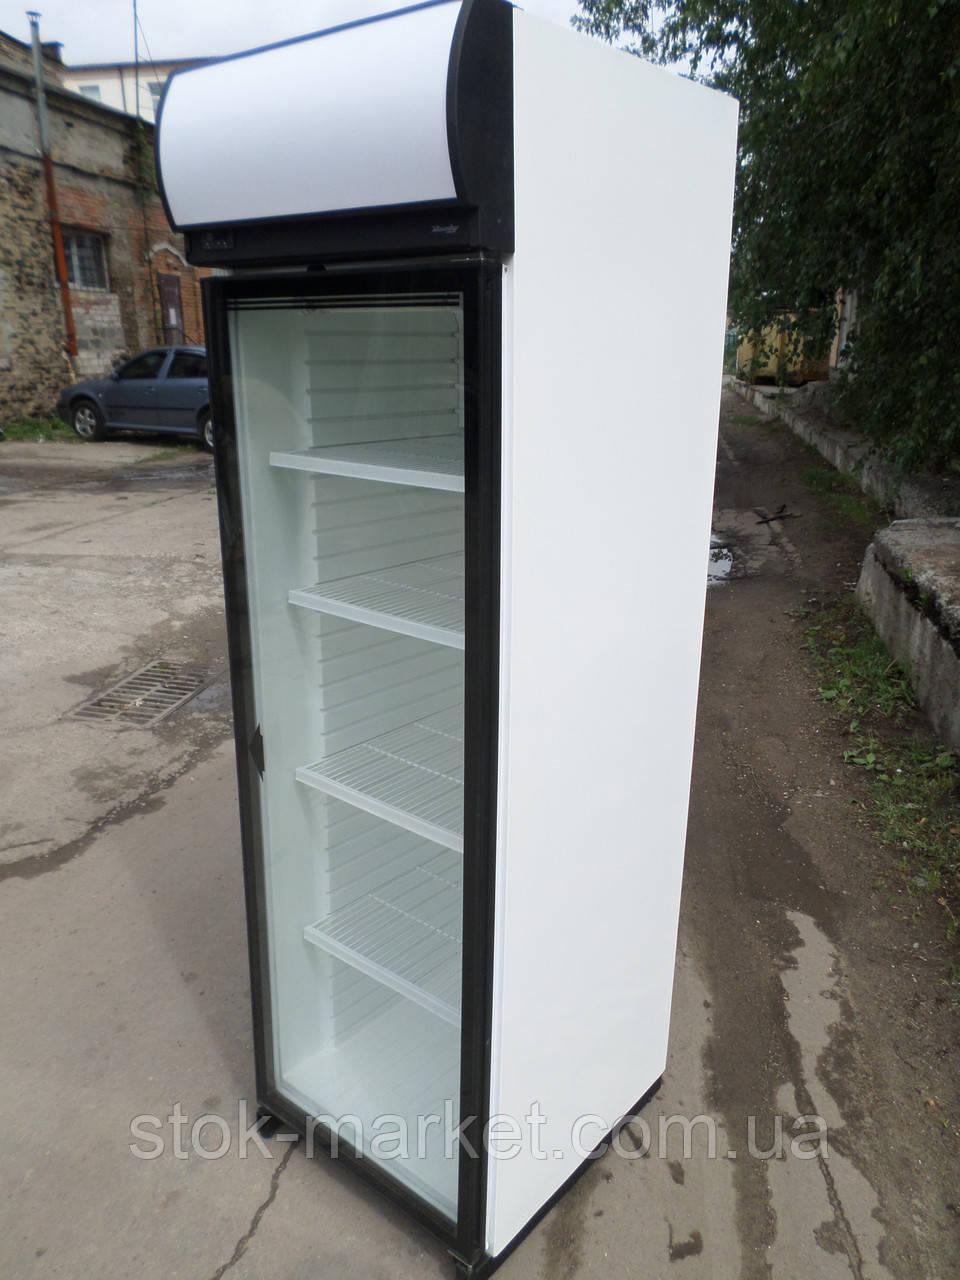 Однодверный холодильный шкаф Derbi 370 л. бу, купить холодильник однодверный б/у